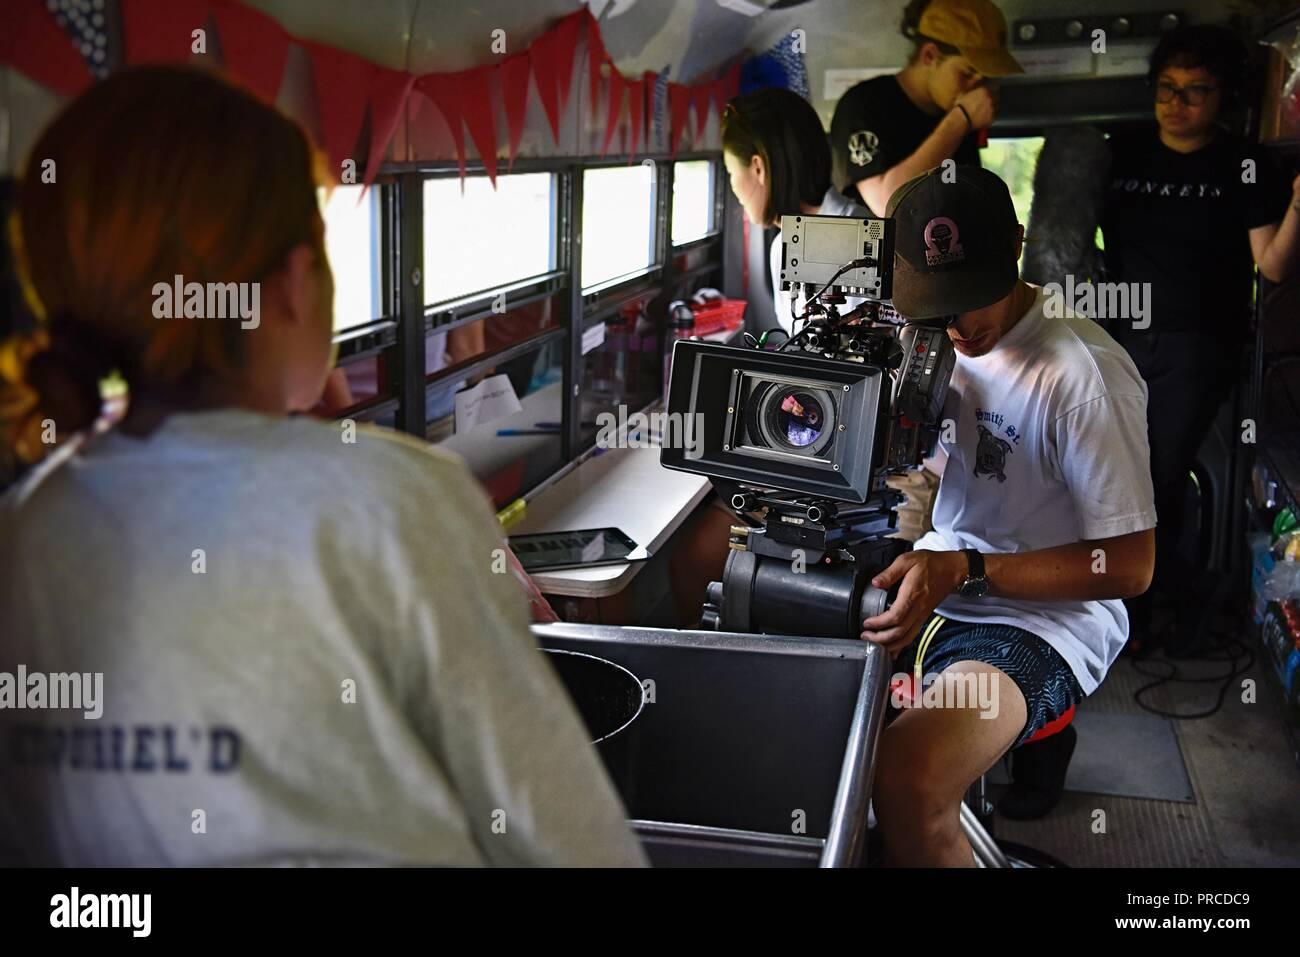 New York, NY; August 2018 - ein Film Crew Massen in einem Bus eine Szene zu schießen Stockfoto